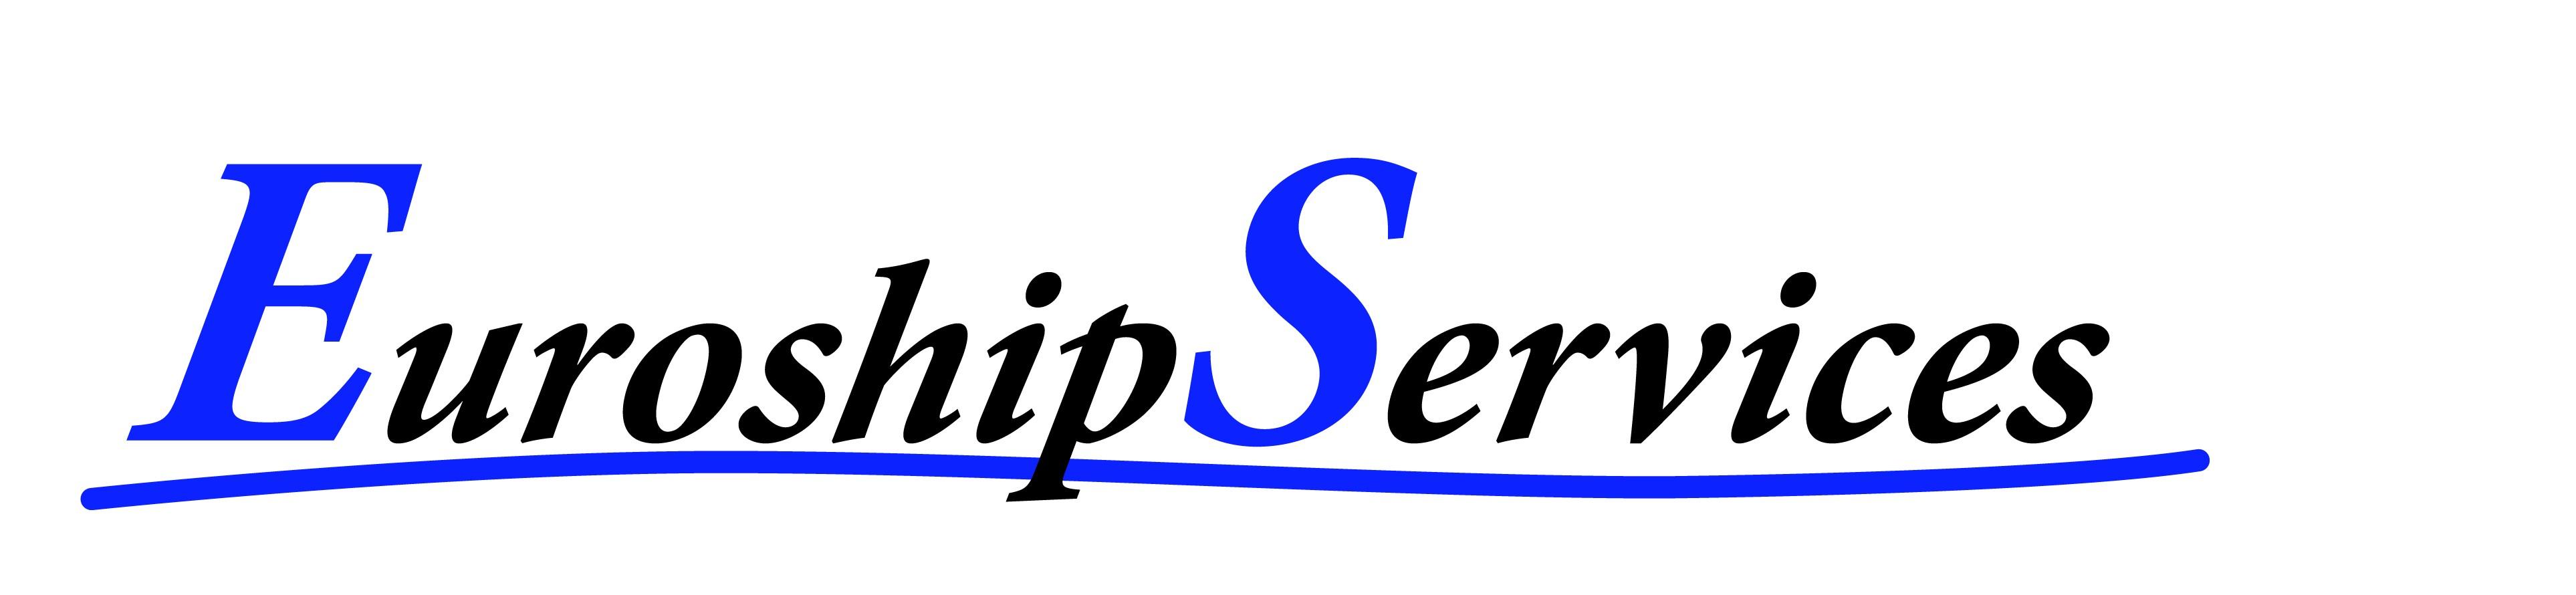 Logo - Euroship Services